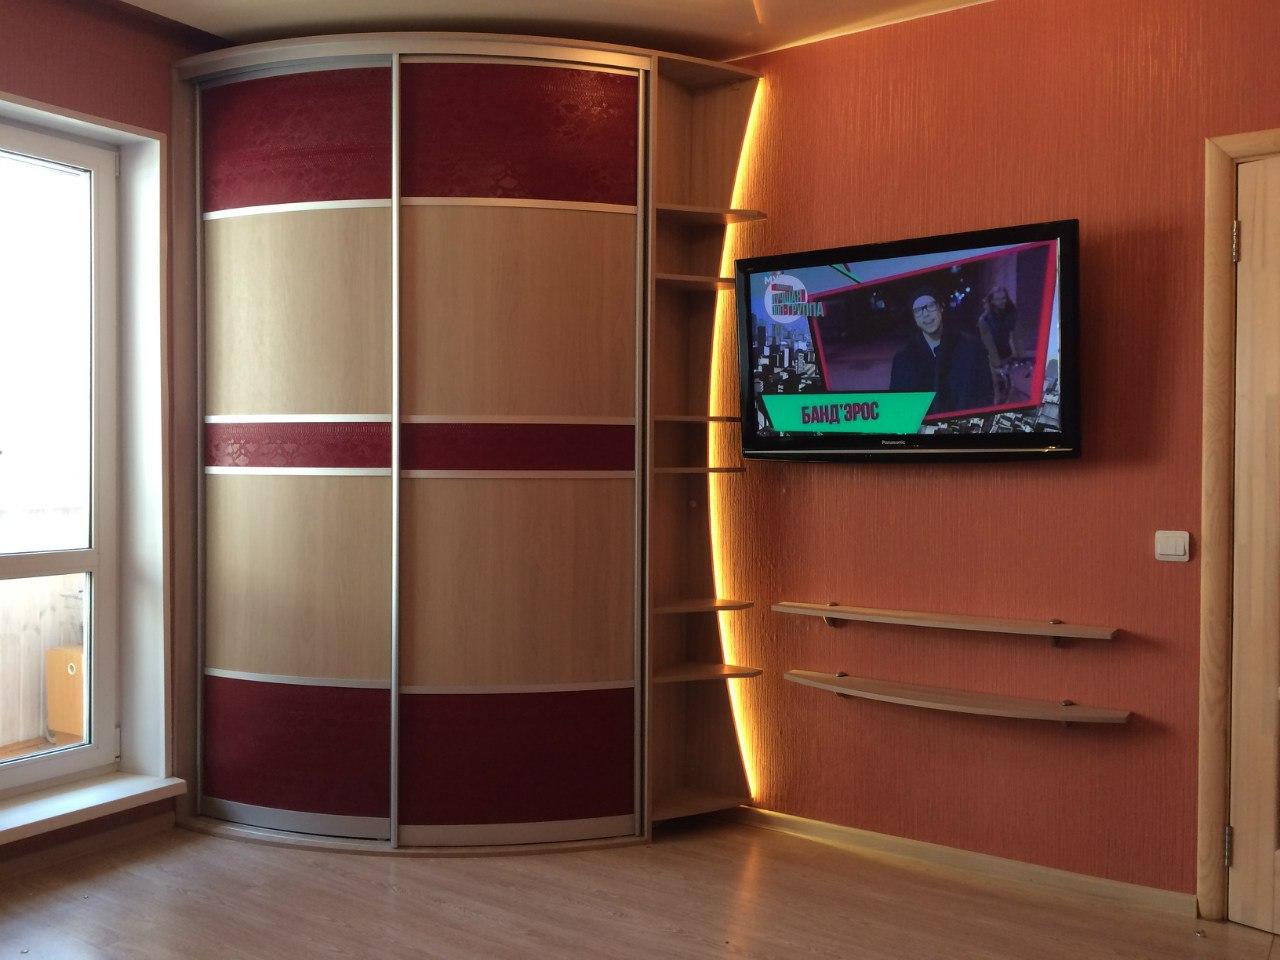 радиусные шкафы в интерьере